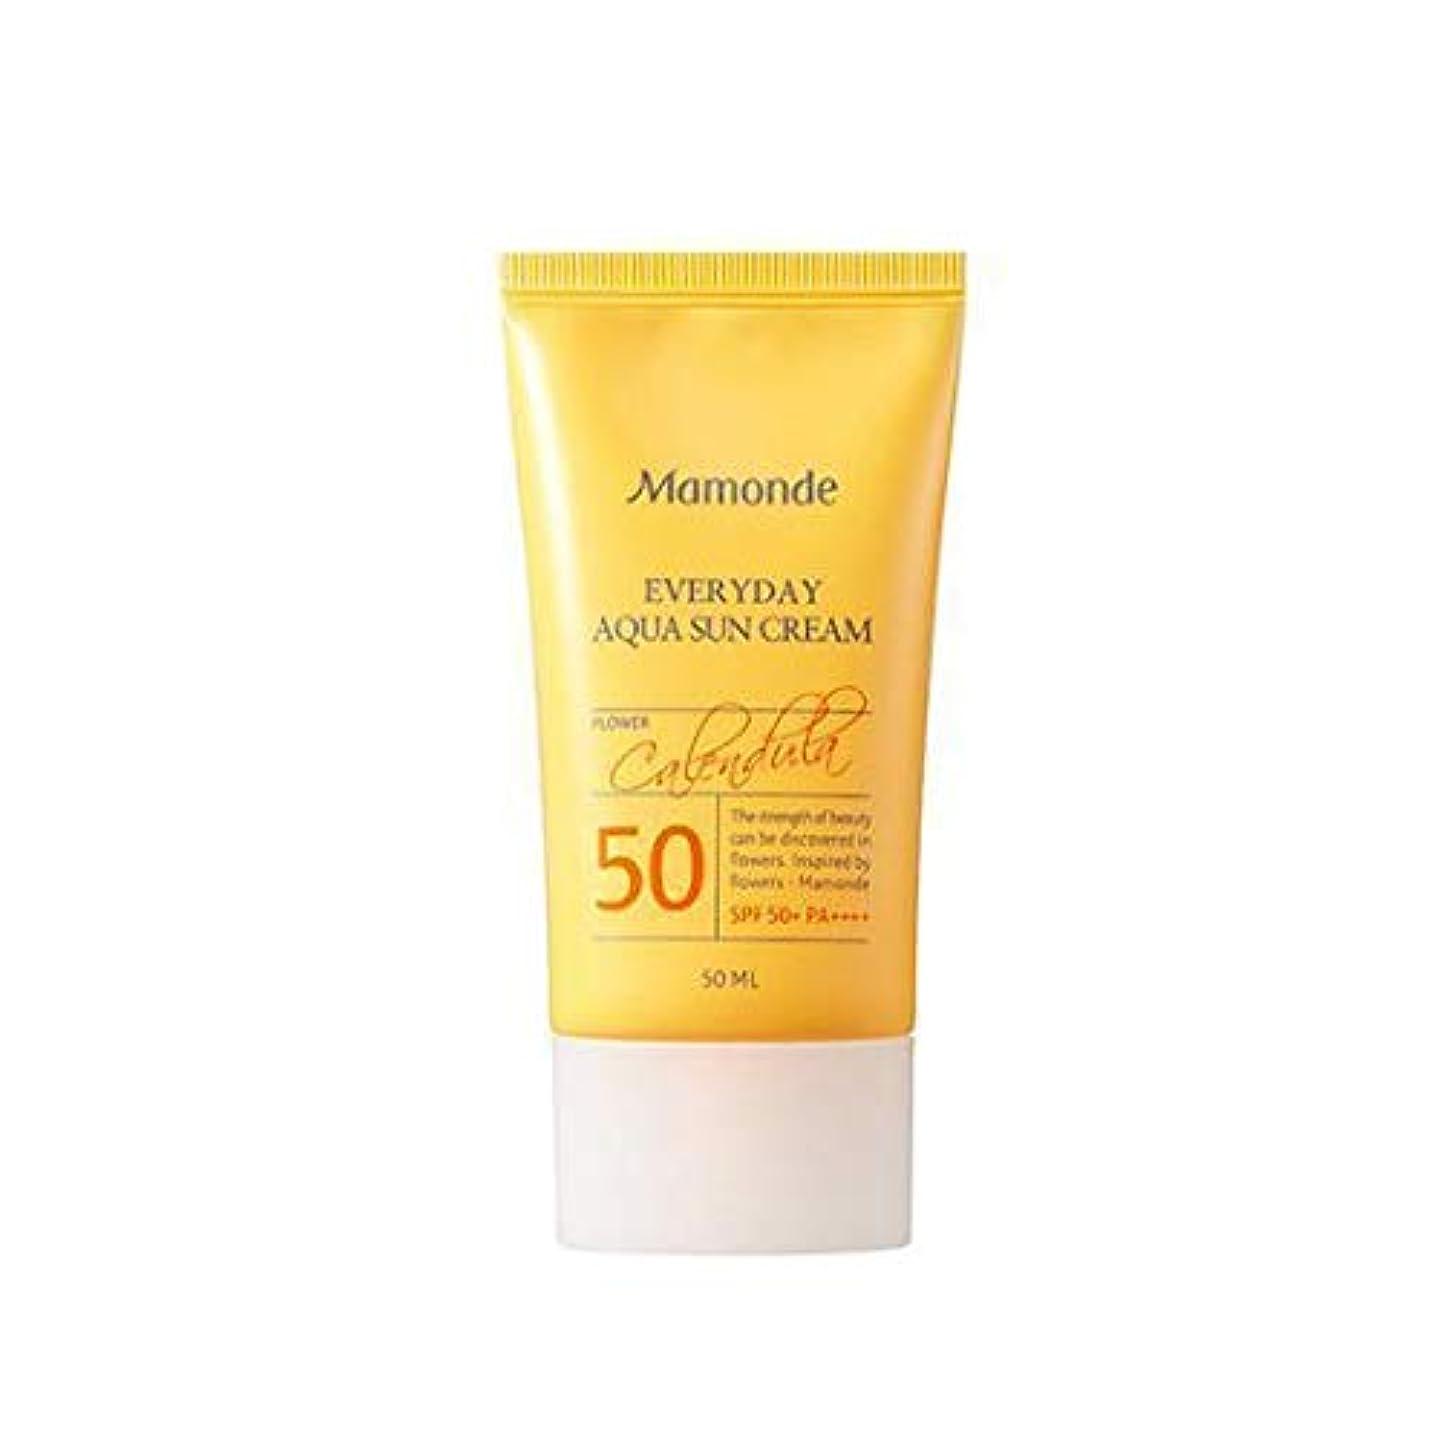 なんとなく類人猿最近MAMONDE マモンド エブリデイアクアサンクリーム (50ml),SPF50+PA++++ Everyday Aqua Sun Cream 韓国日焼け止め